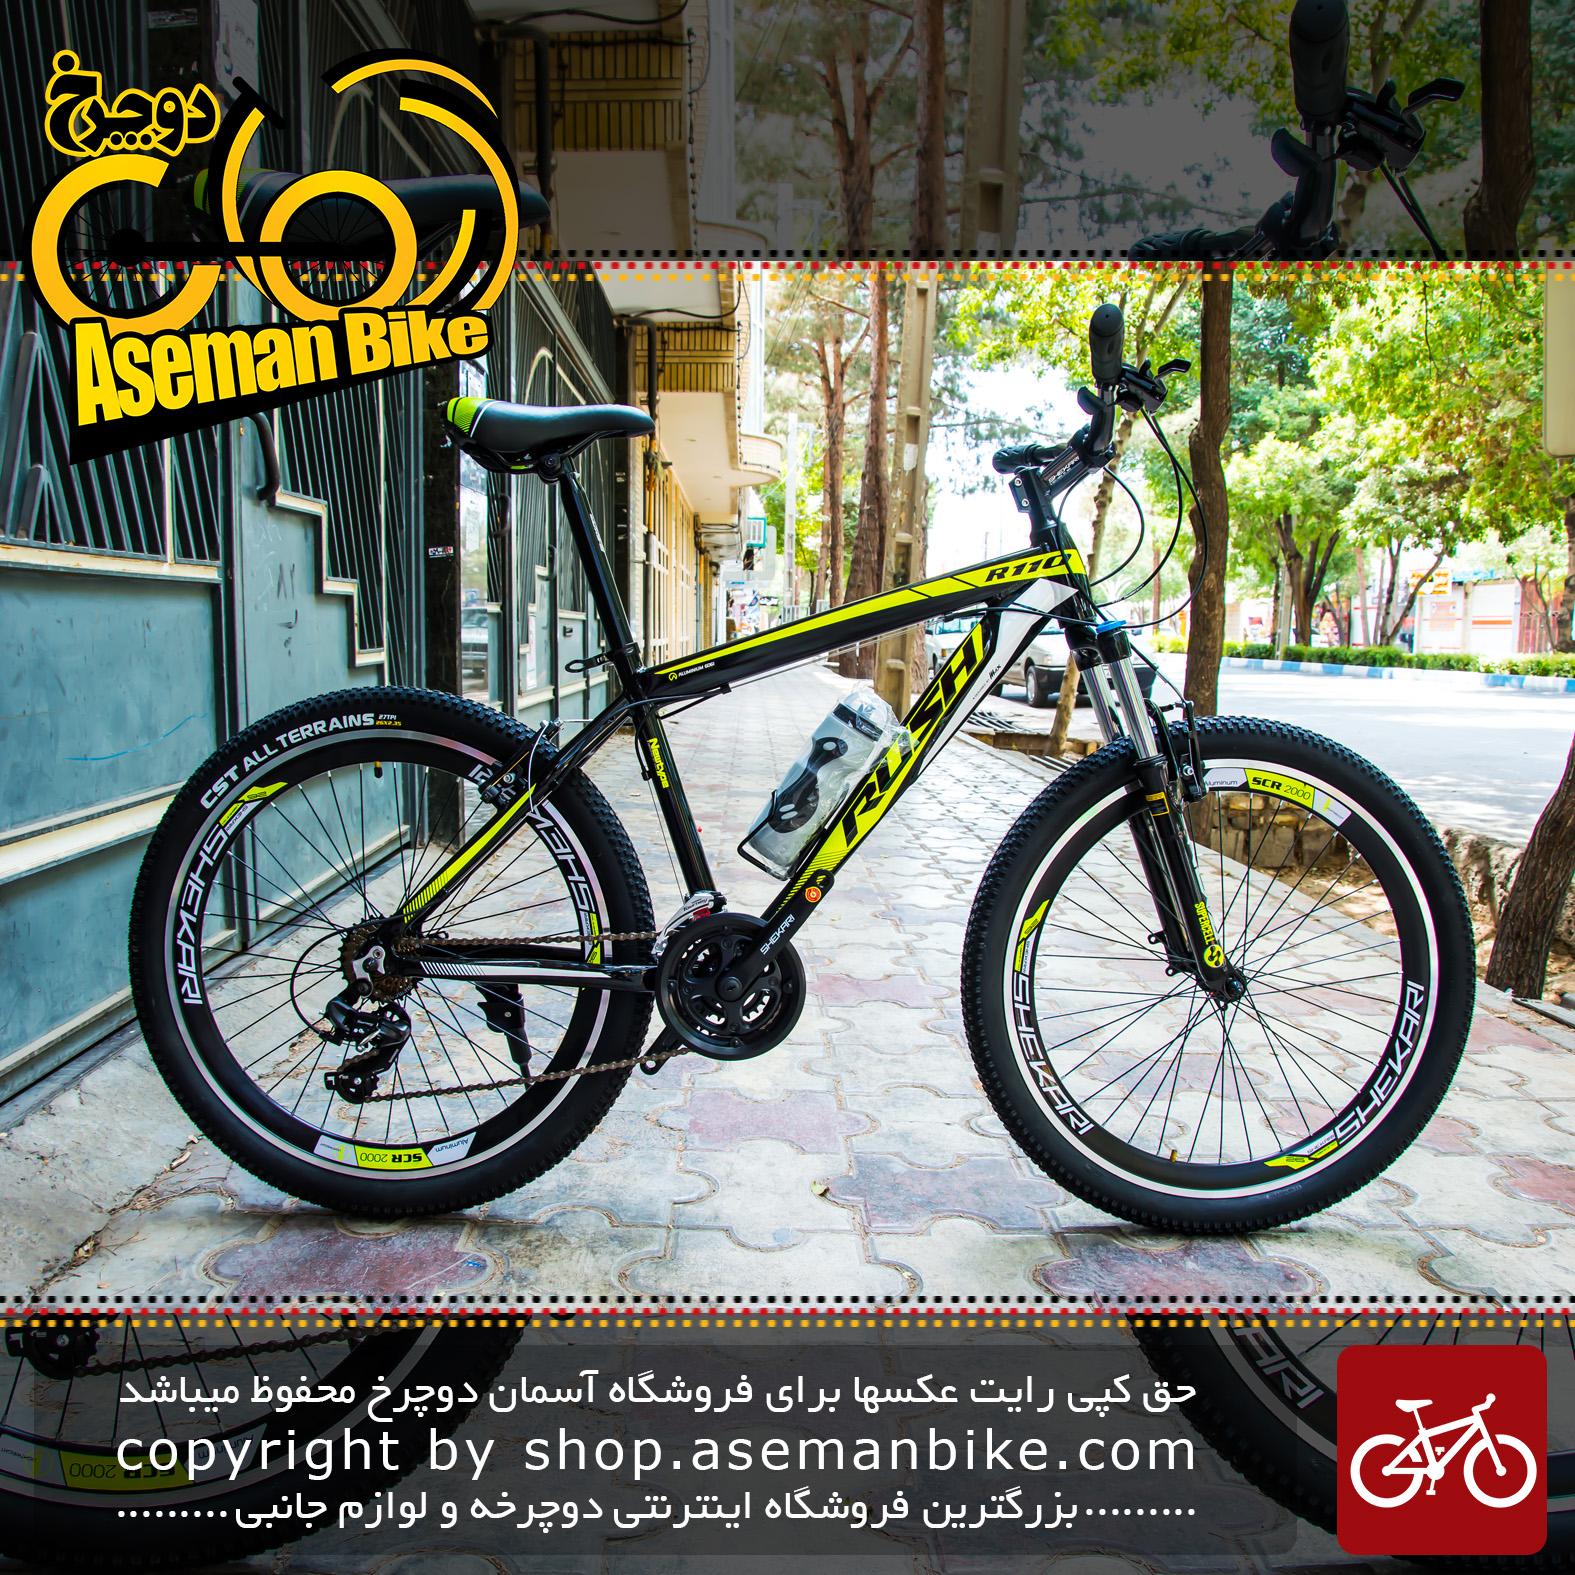 دوچرخه کوهستان راش مدل آر 110 سایز 26 Rush Mountain Bicycle R110 26